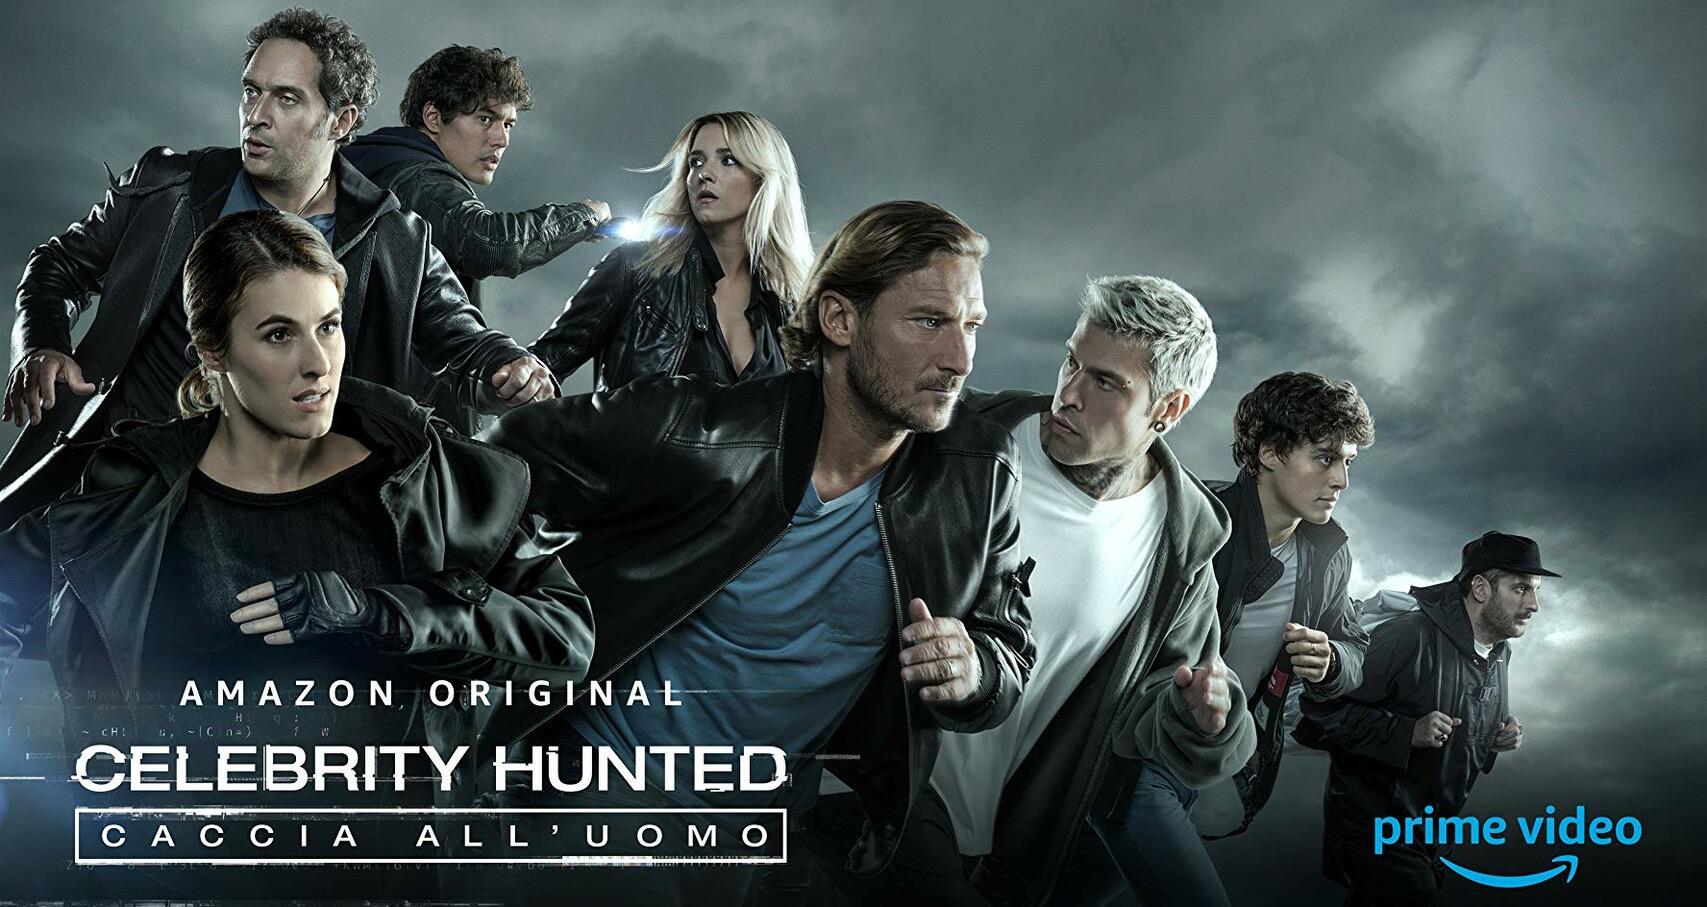 """""""Celebrity Hunted"""", su Amazon Prime Video ha inizio la """"Caccia all'uomo"""""""